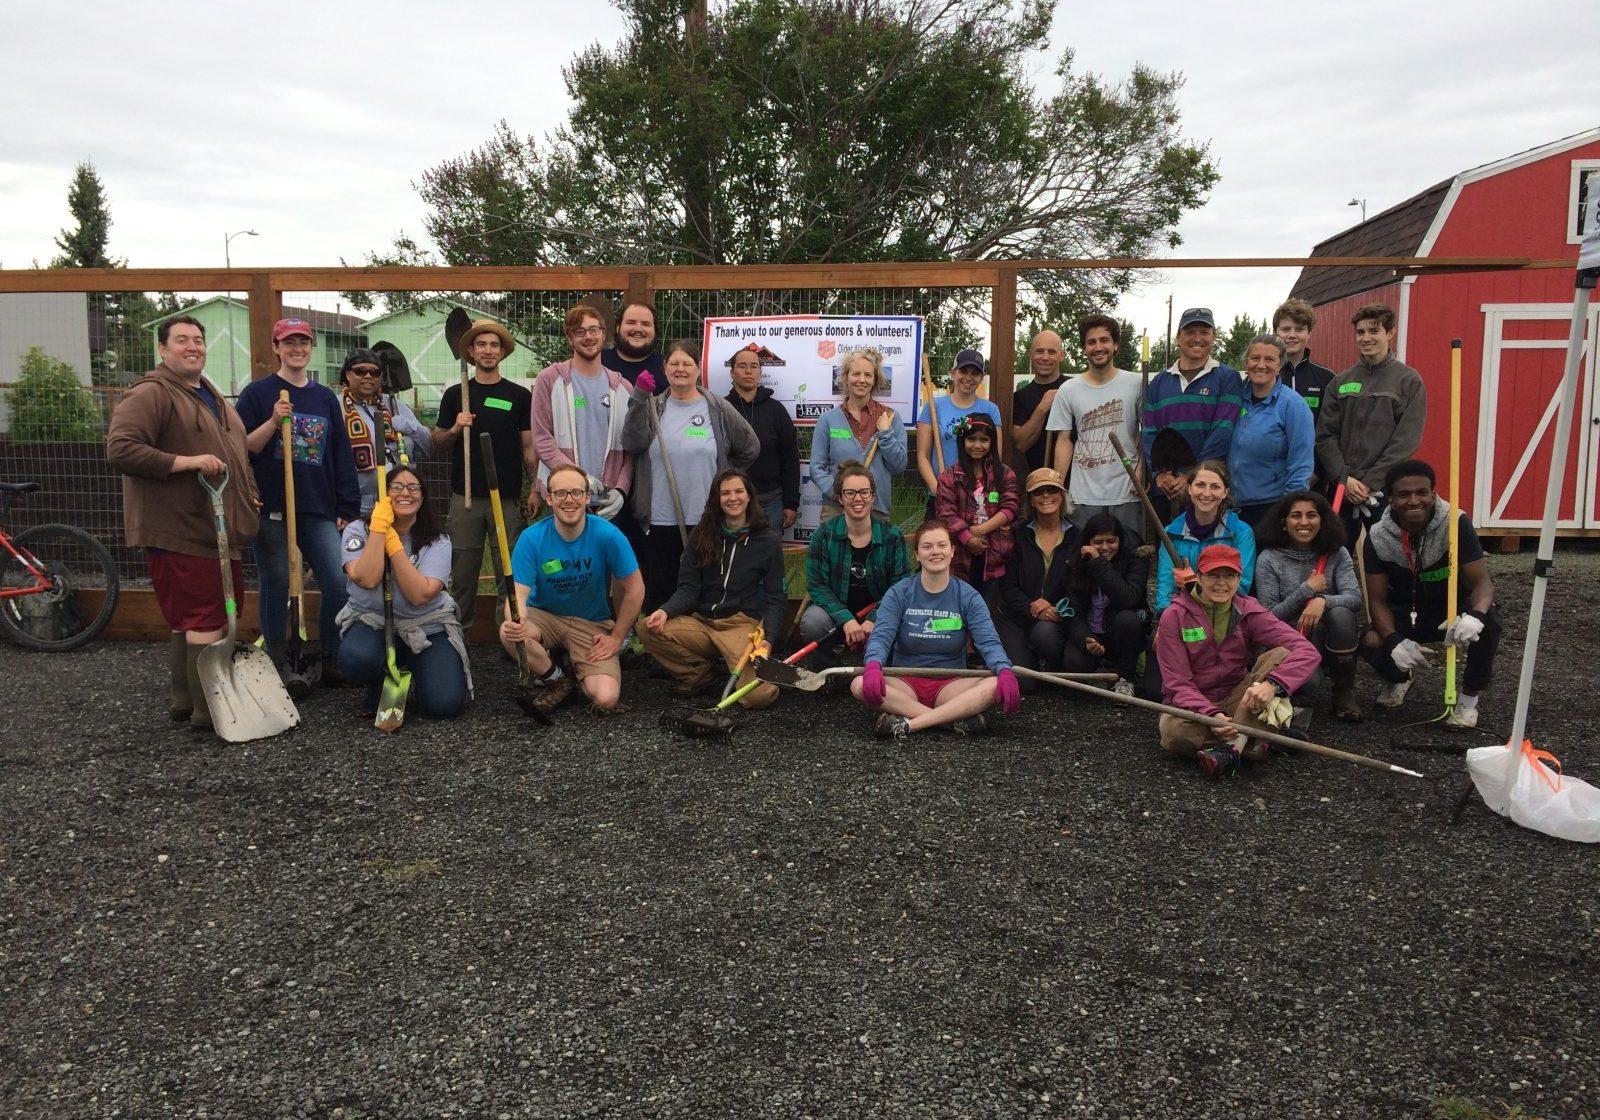 Fairview Park Volunteer Day